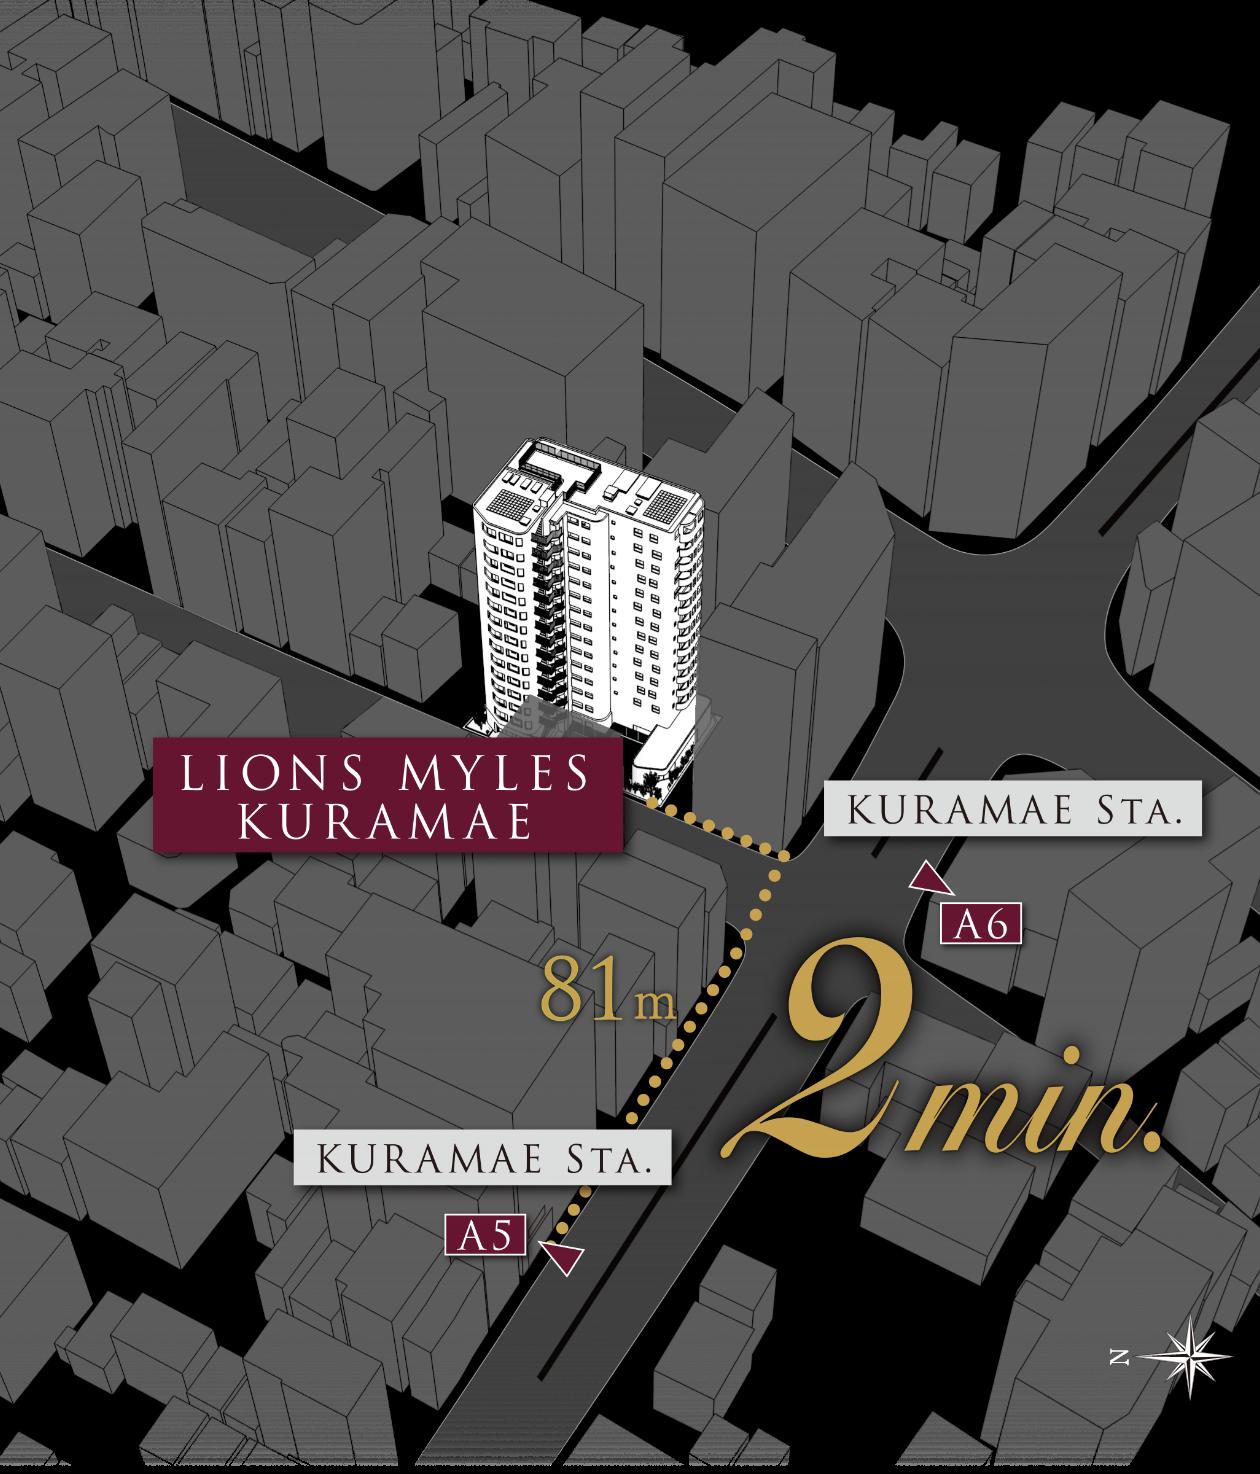 大京、蔵前のコンパクトマンション「ライオンズミレス蔵前」97戸 反響900件